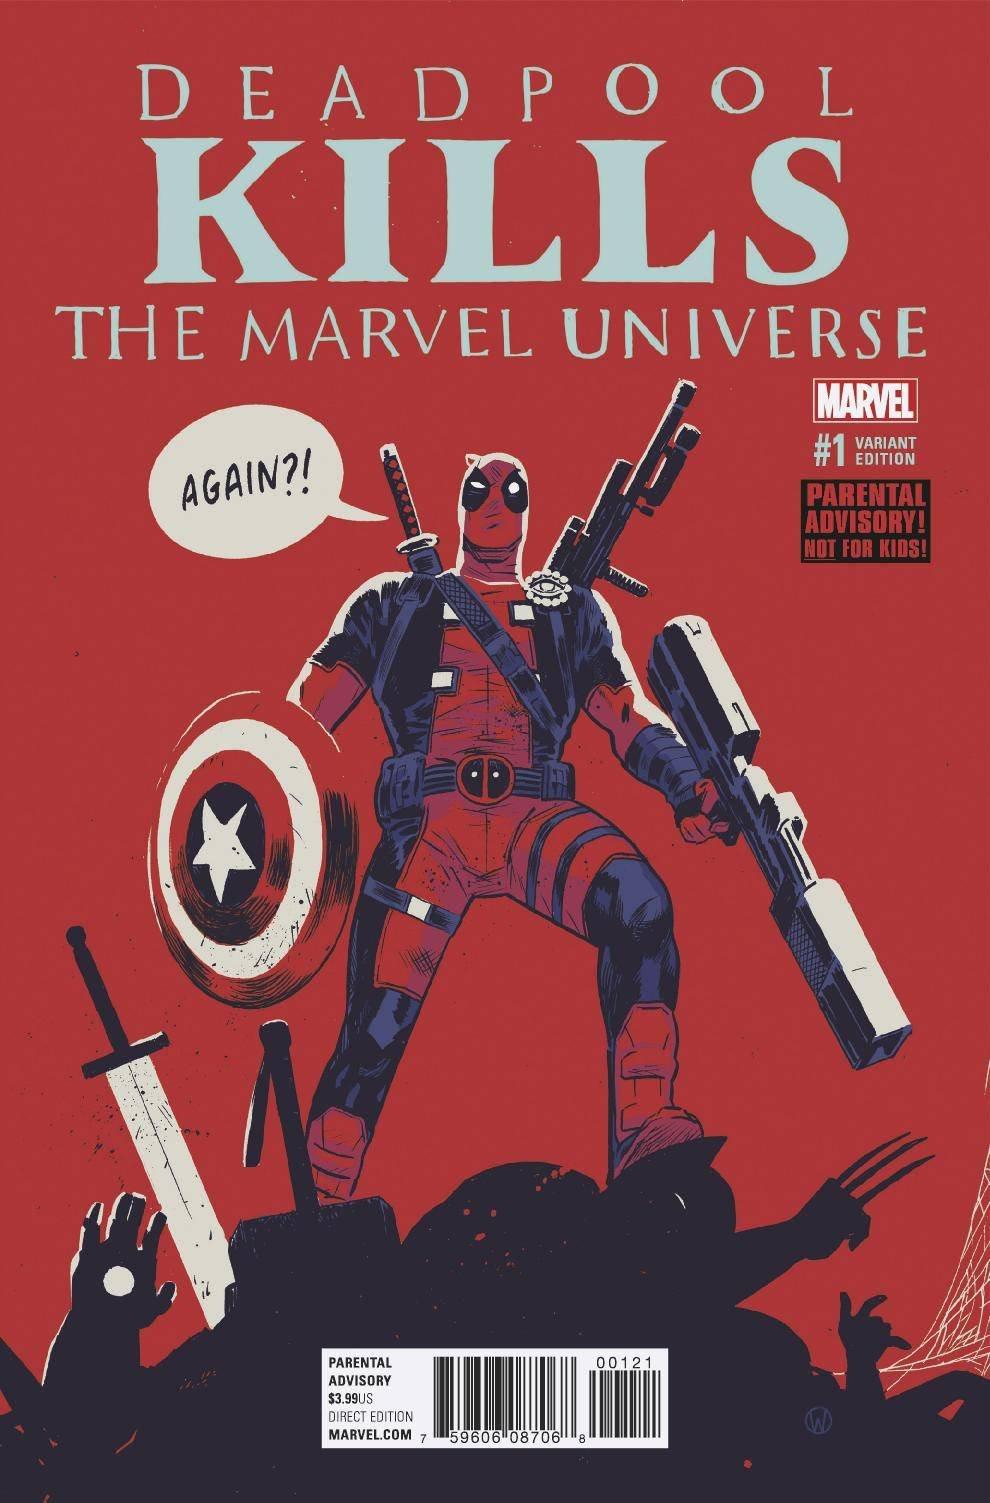 Deadpool, Deadpool Kills, Marvel Universe, Comics, Antihero, Superhero